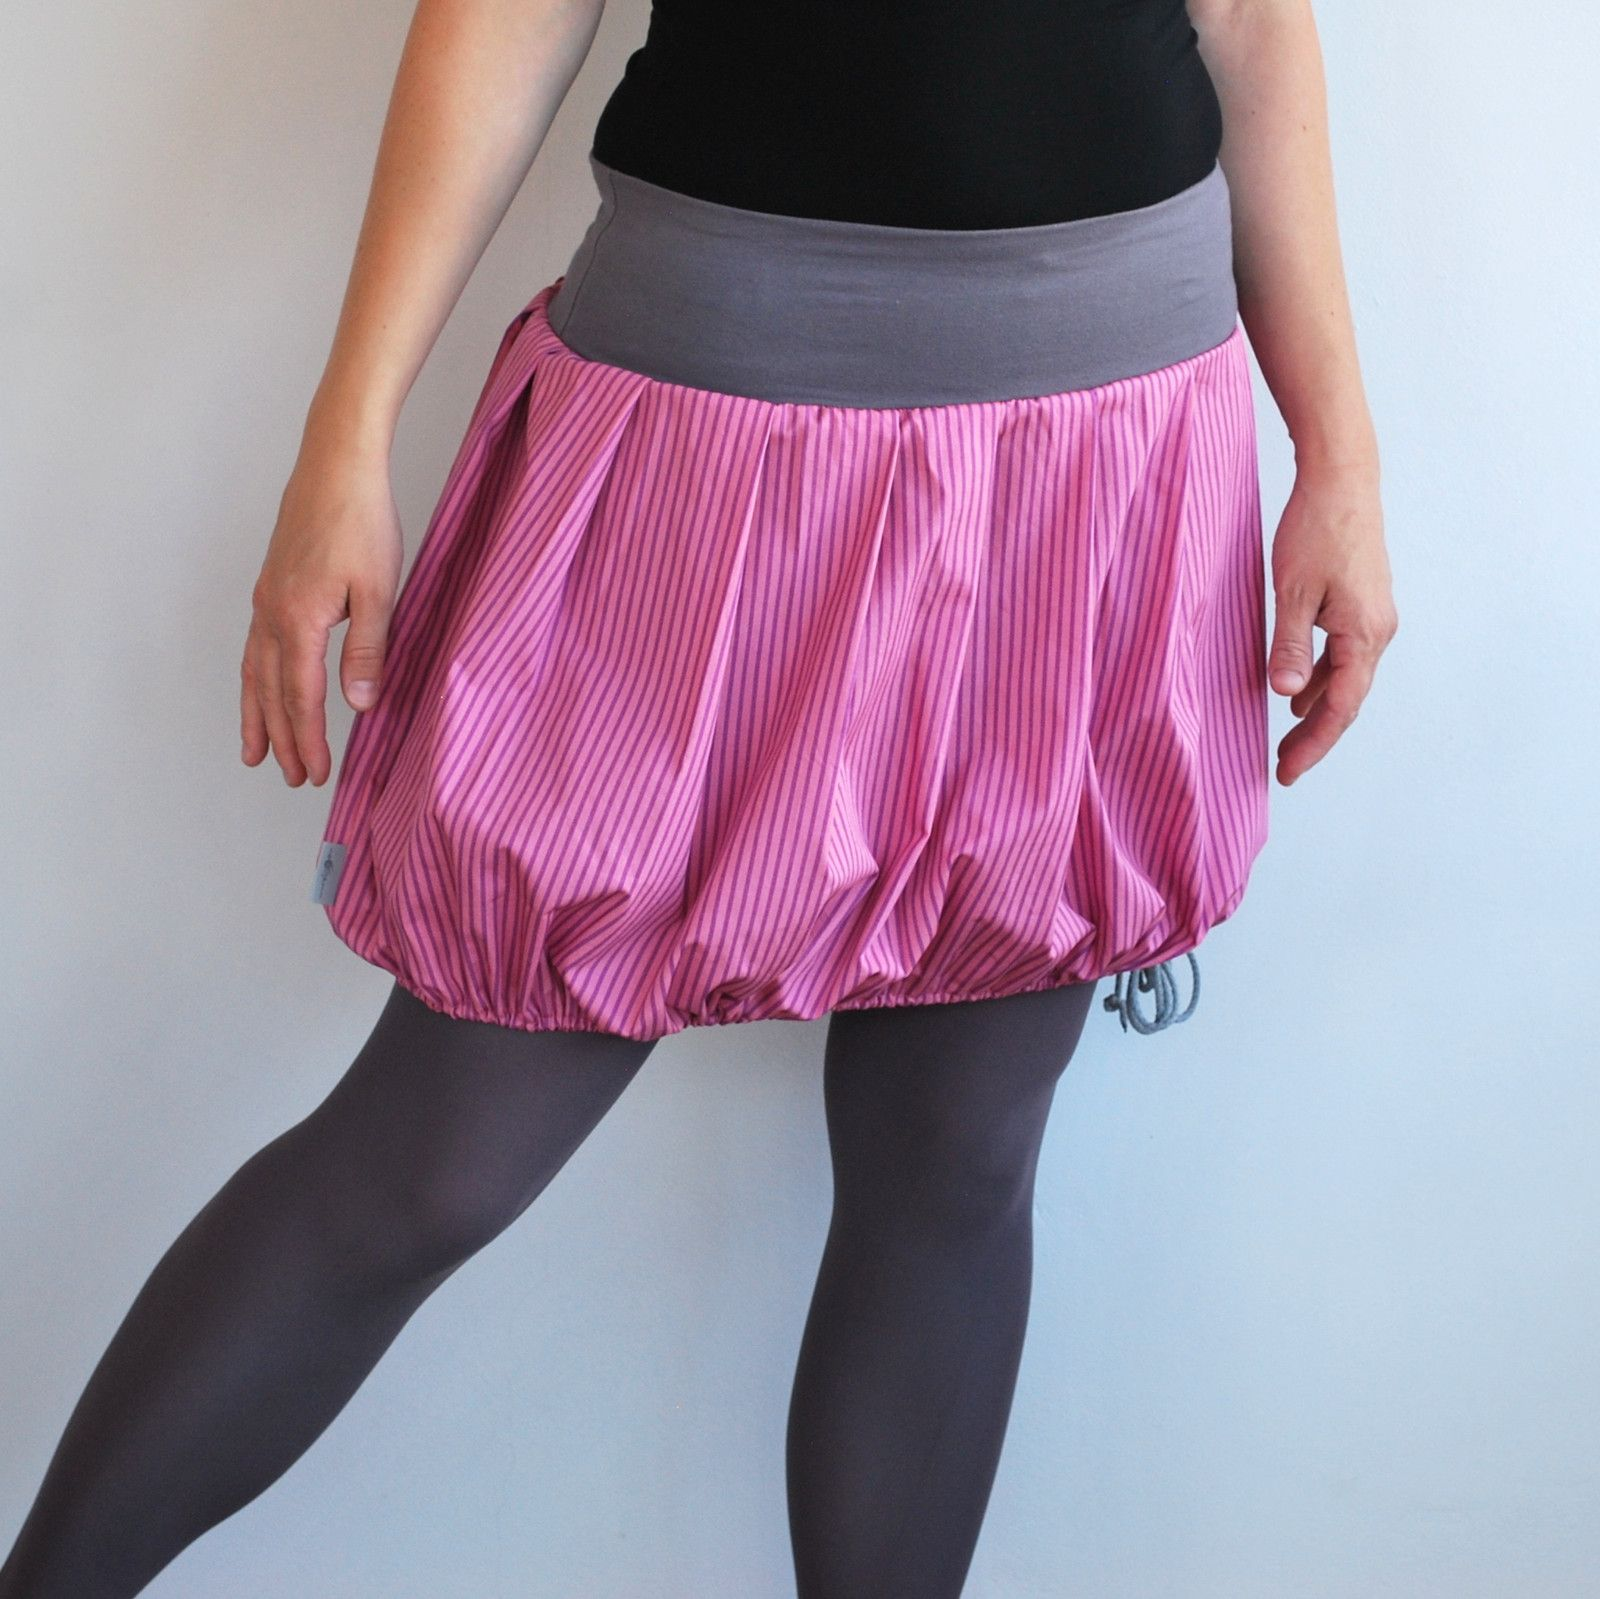 056ce2ae99c3 Balonetka+Krátká+sukně+z+krásné+bavlněné